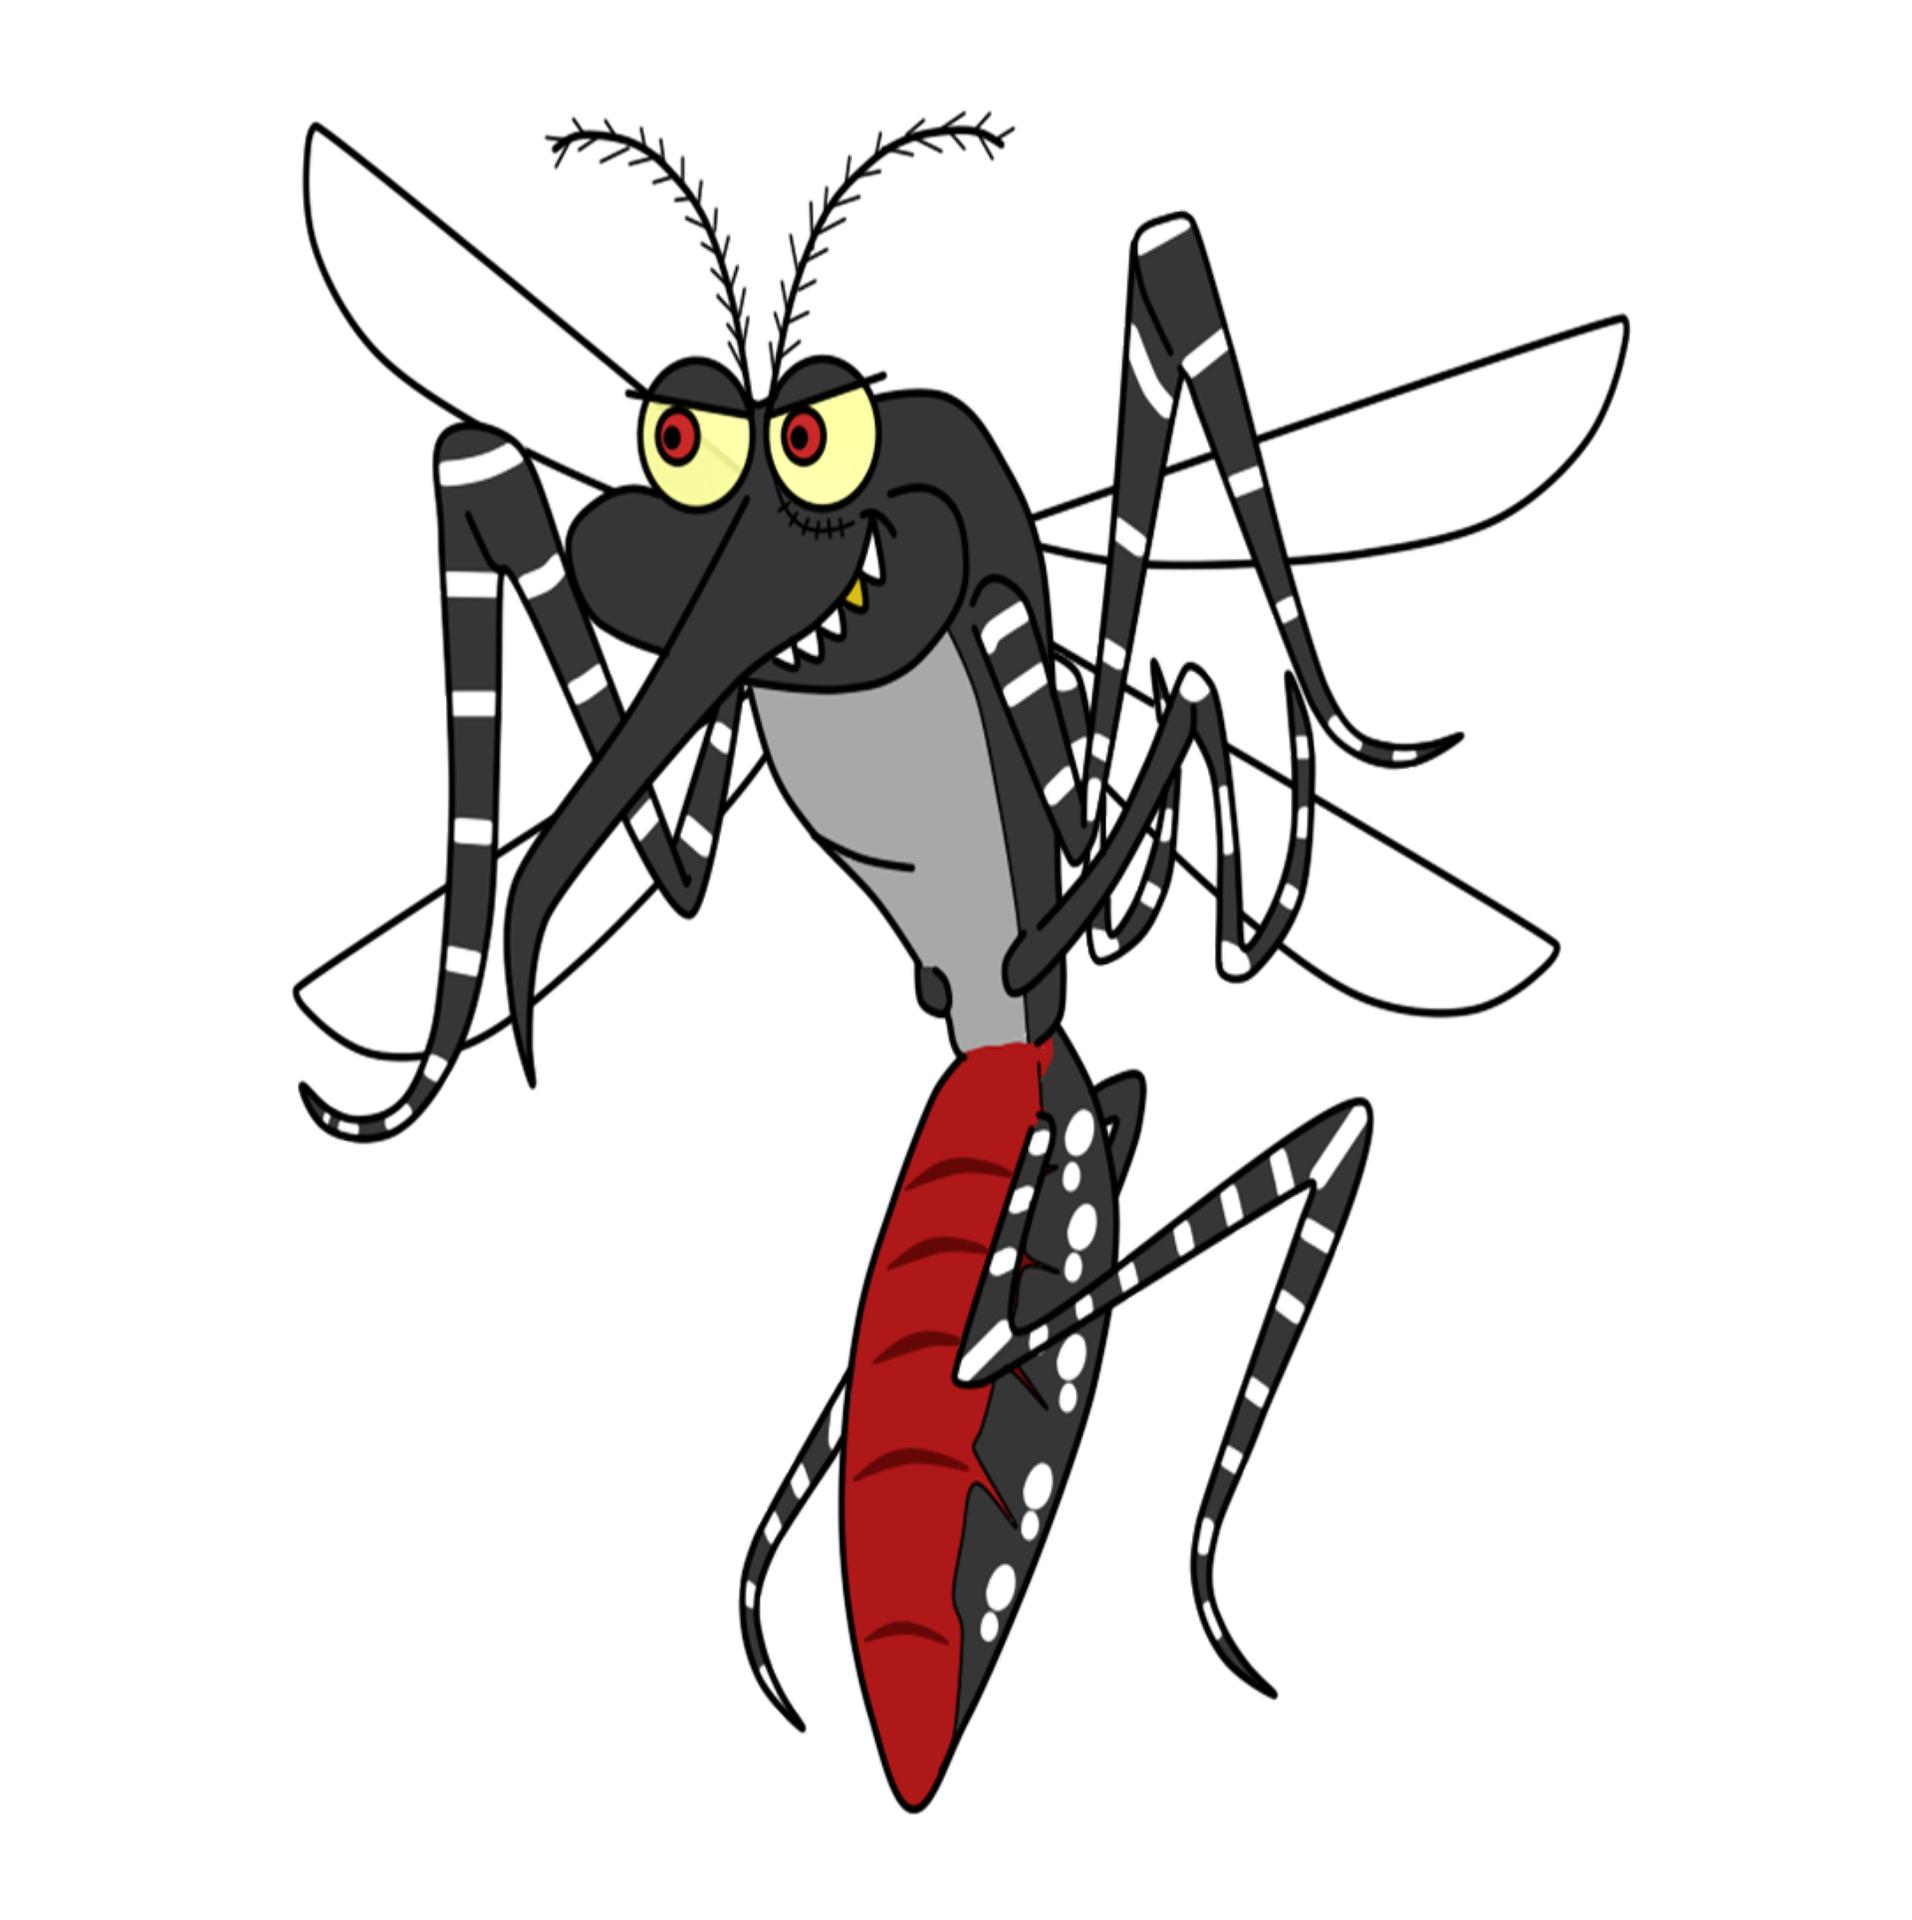 dibujar mosquitos